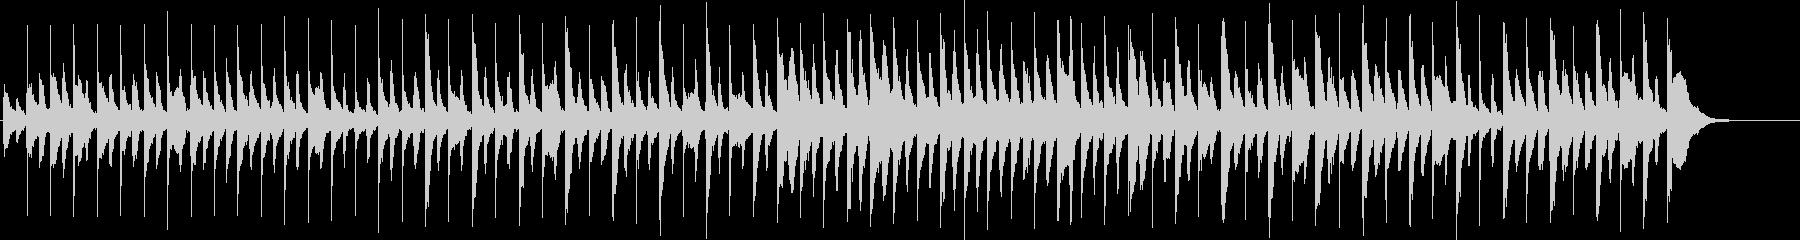 奇妙で軽快ハロウィン風ピアノ(SE無し)の未再生の波形